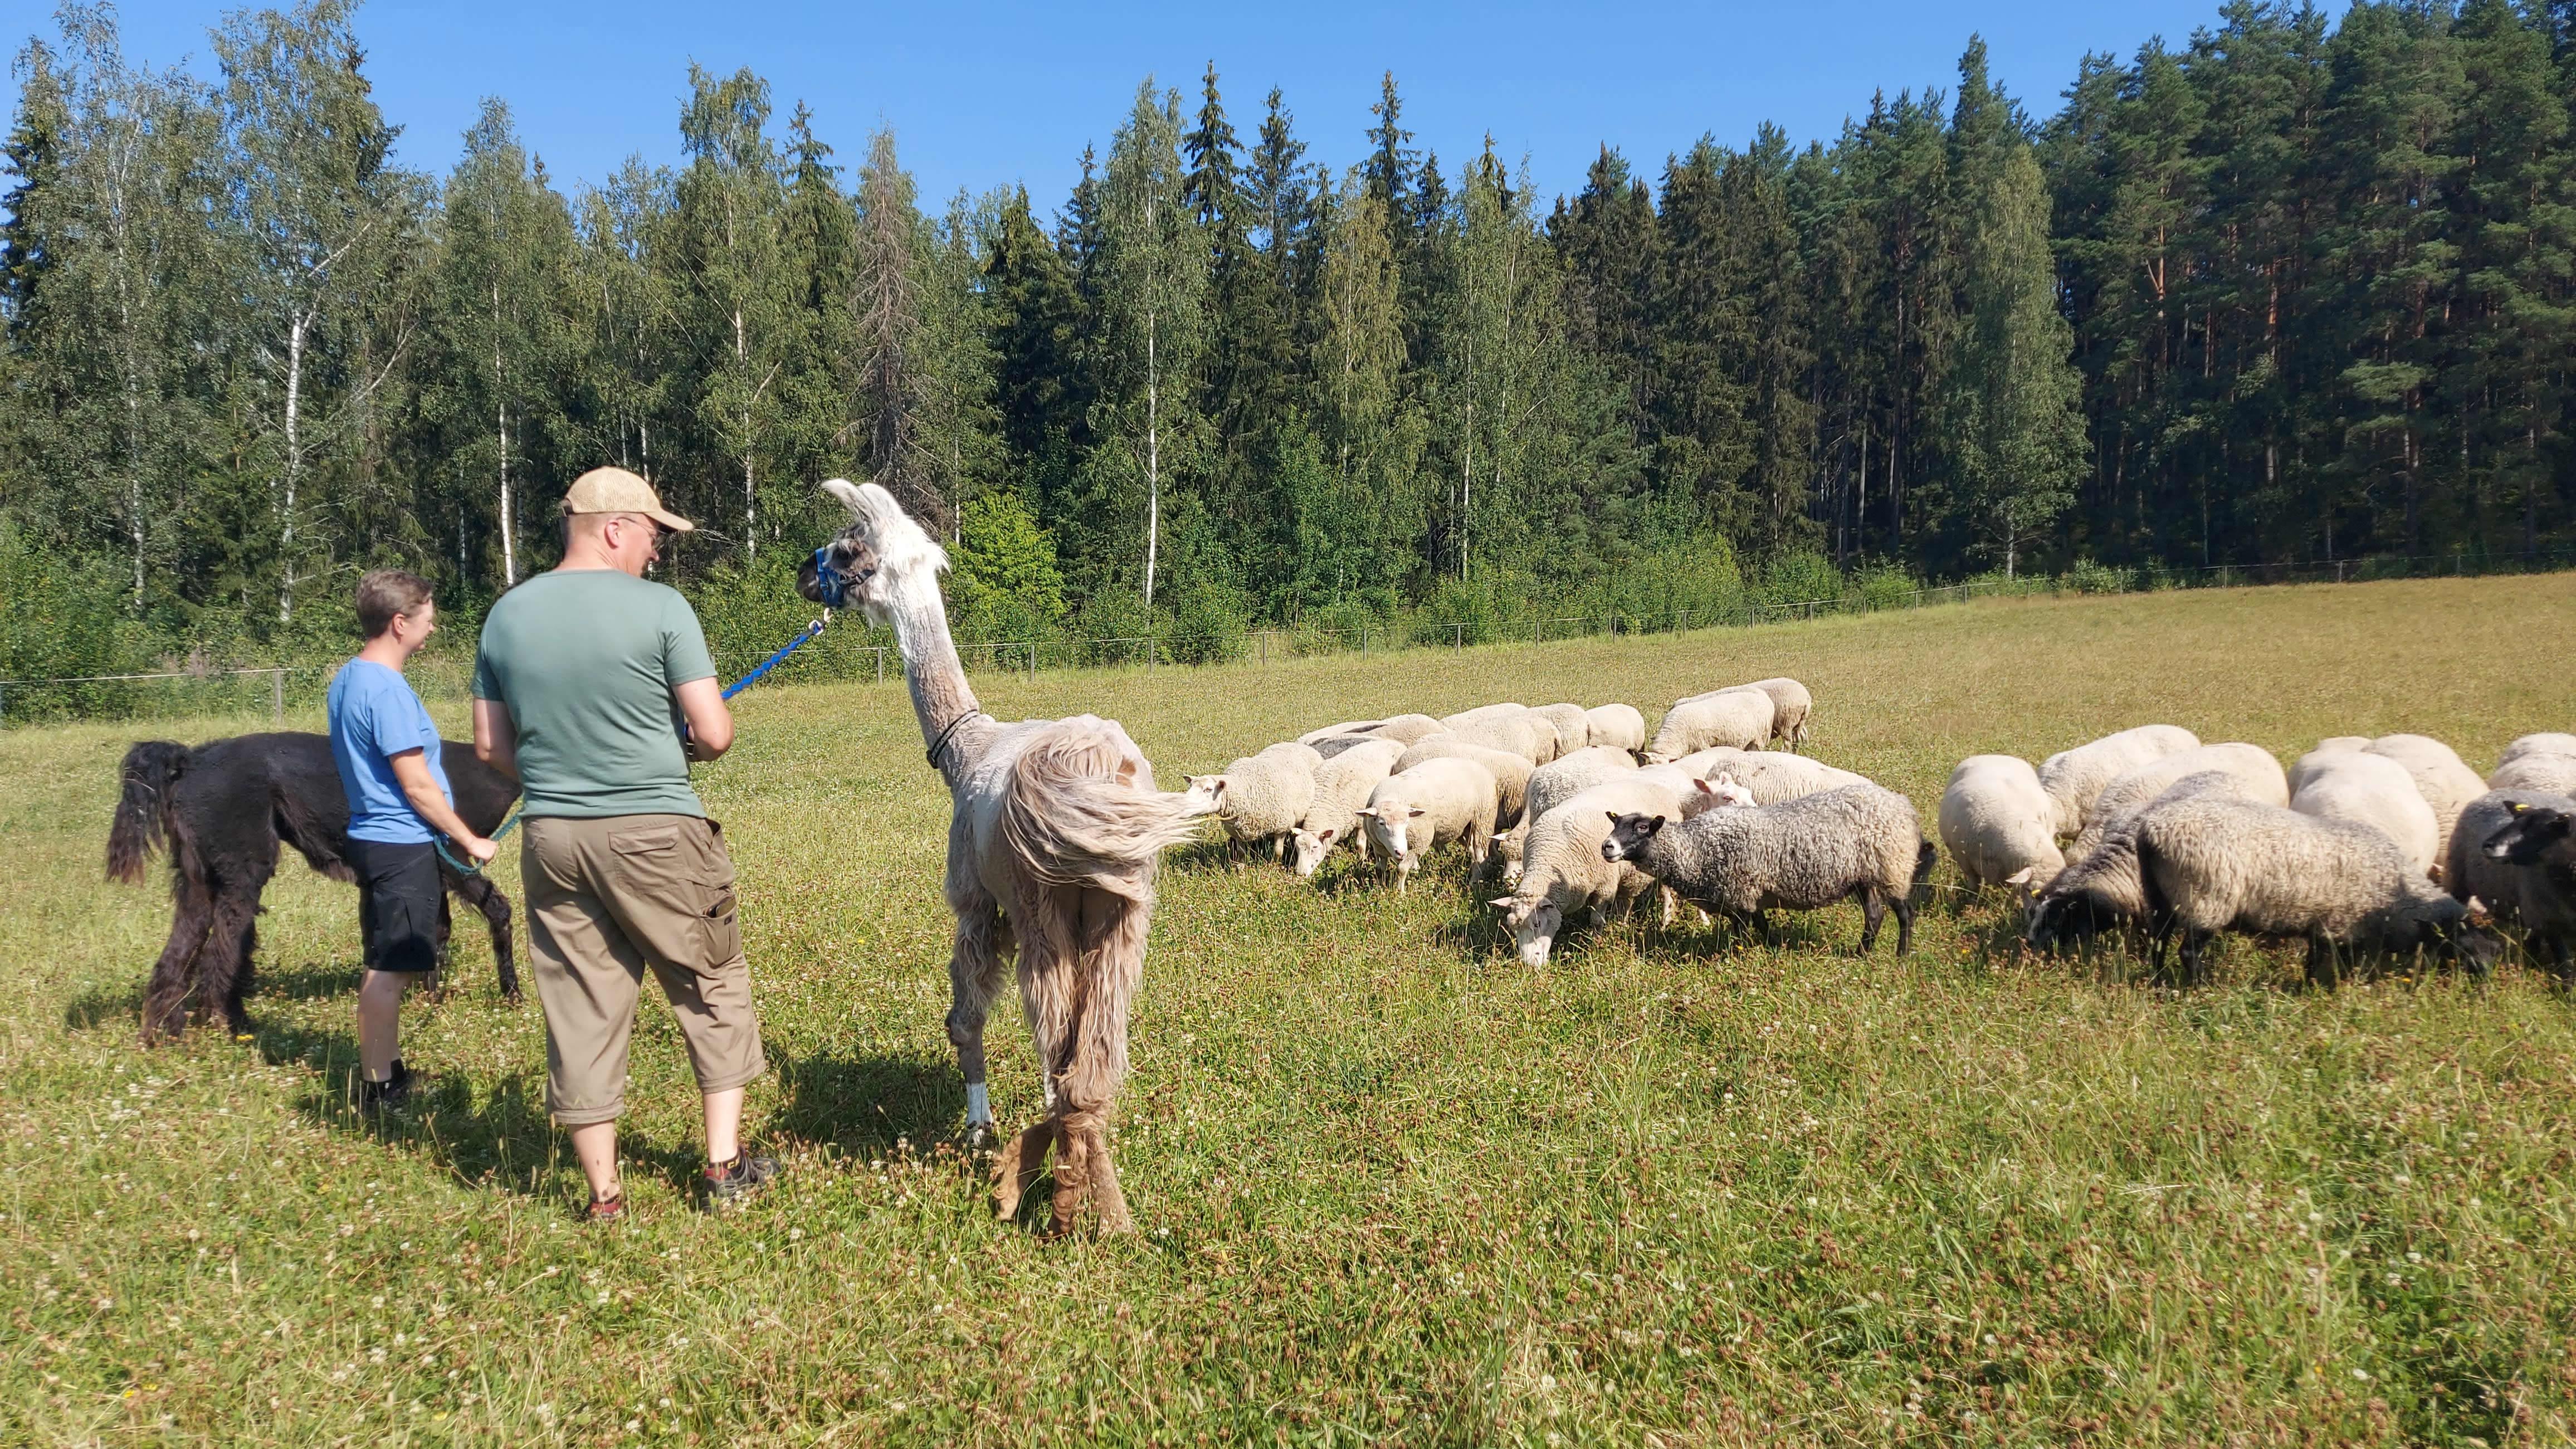 Nainen ja mies taluttavat kahta laamaa lammaslauman vieressä pellolla.